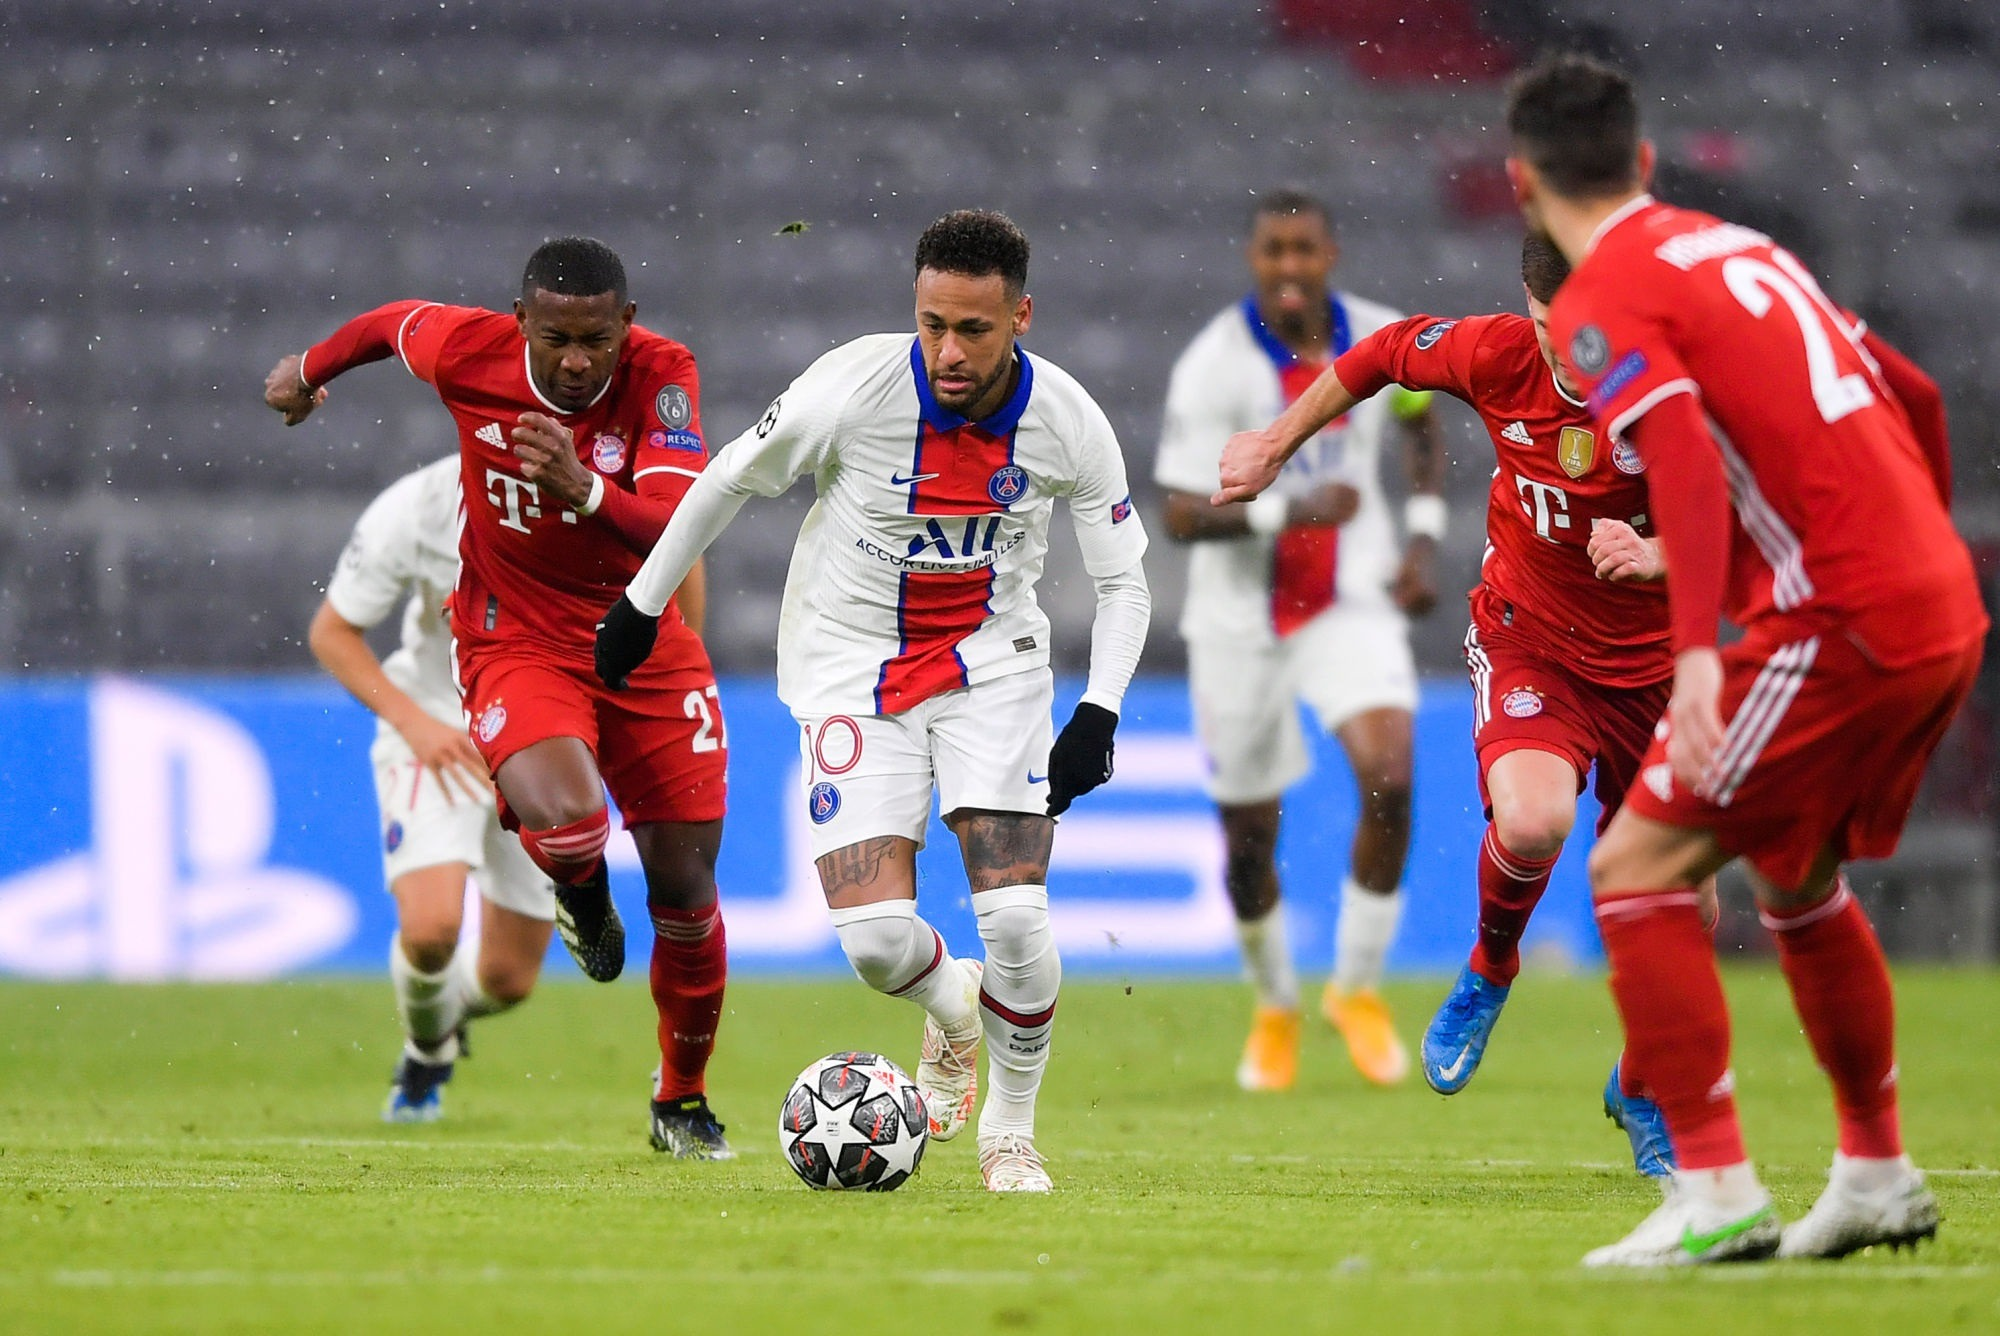 """Bayern/PSG - Garétier encense l'attitude de Neymar, mais """"la Ligue 1 ne l'intéresse pas"""""""